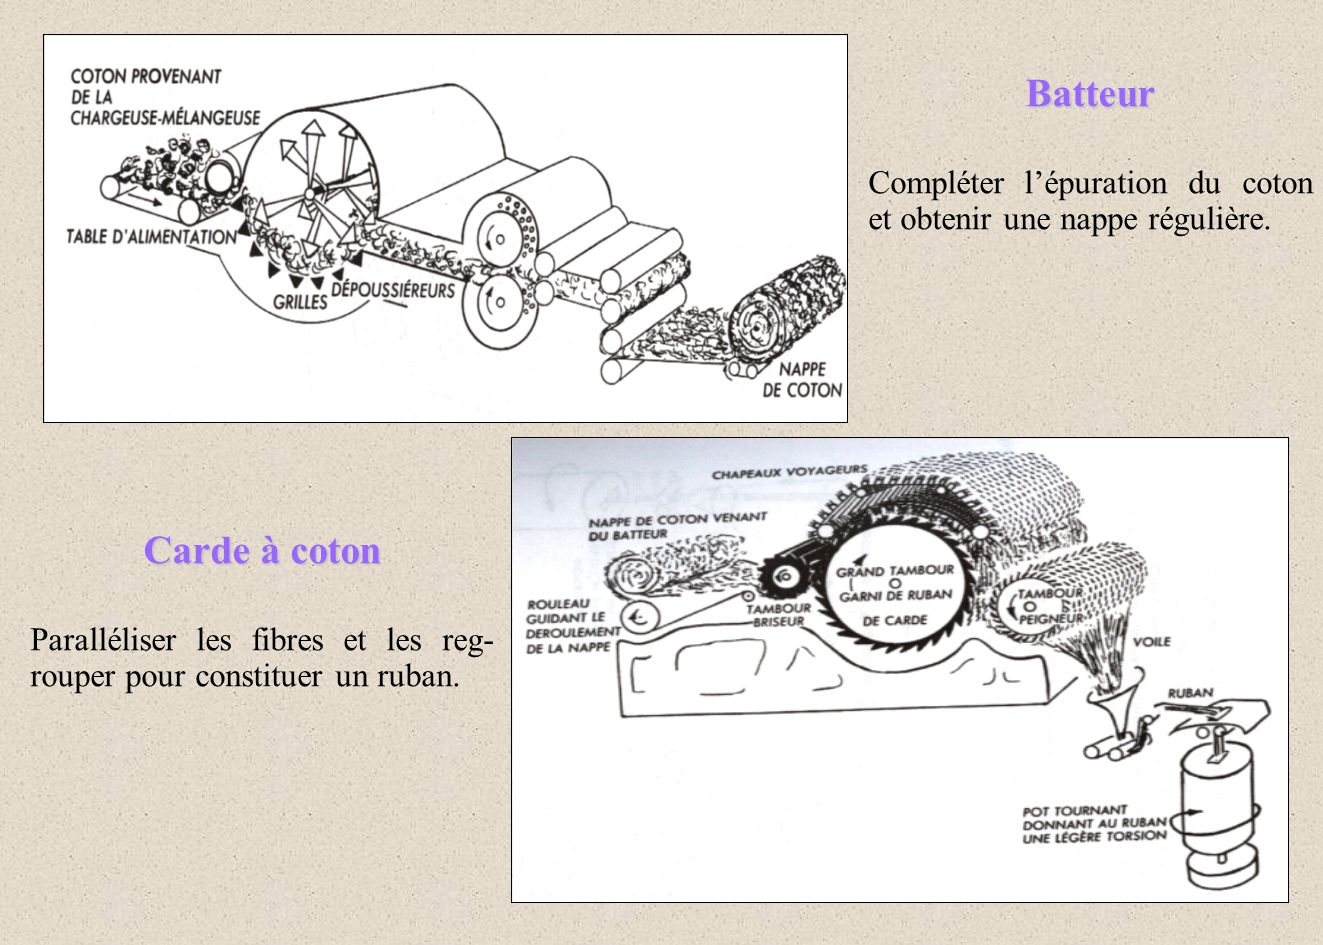 Batteur Compléter l'épuration du coton et obtenir une nappe régulière. Carde à coton.